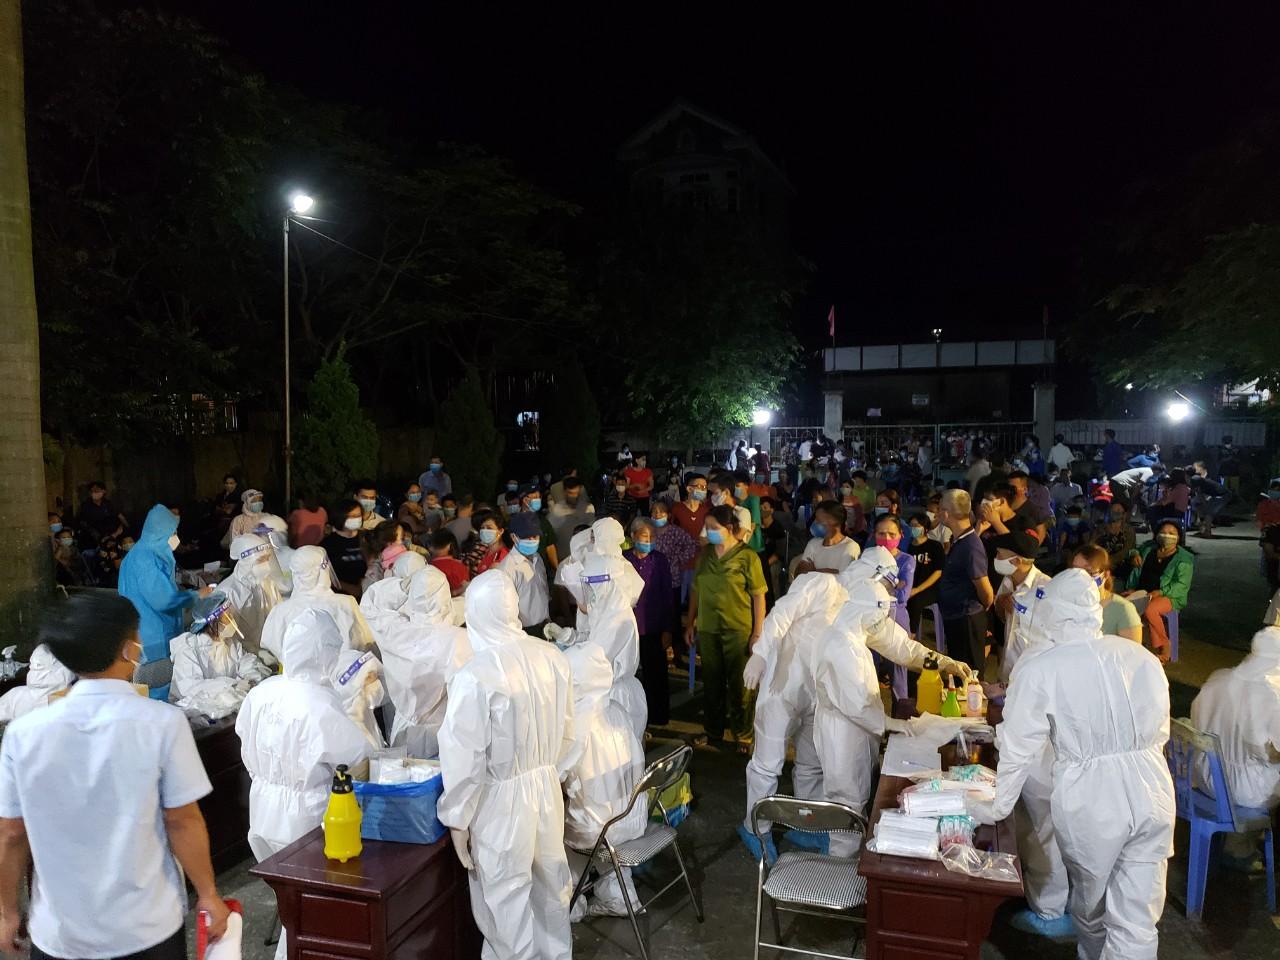 Bắc Ninh: 29 ca mắc Covid-19, xét nghiệm xuyên đêm cho hơn 15.000 dân ở xã Mão Điền - Ảnh 2.